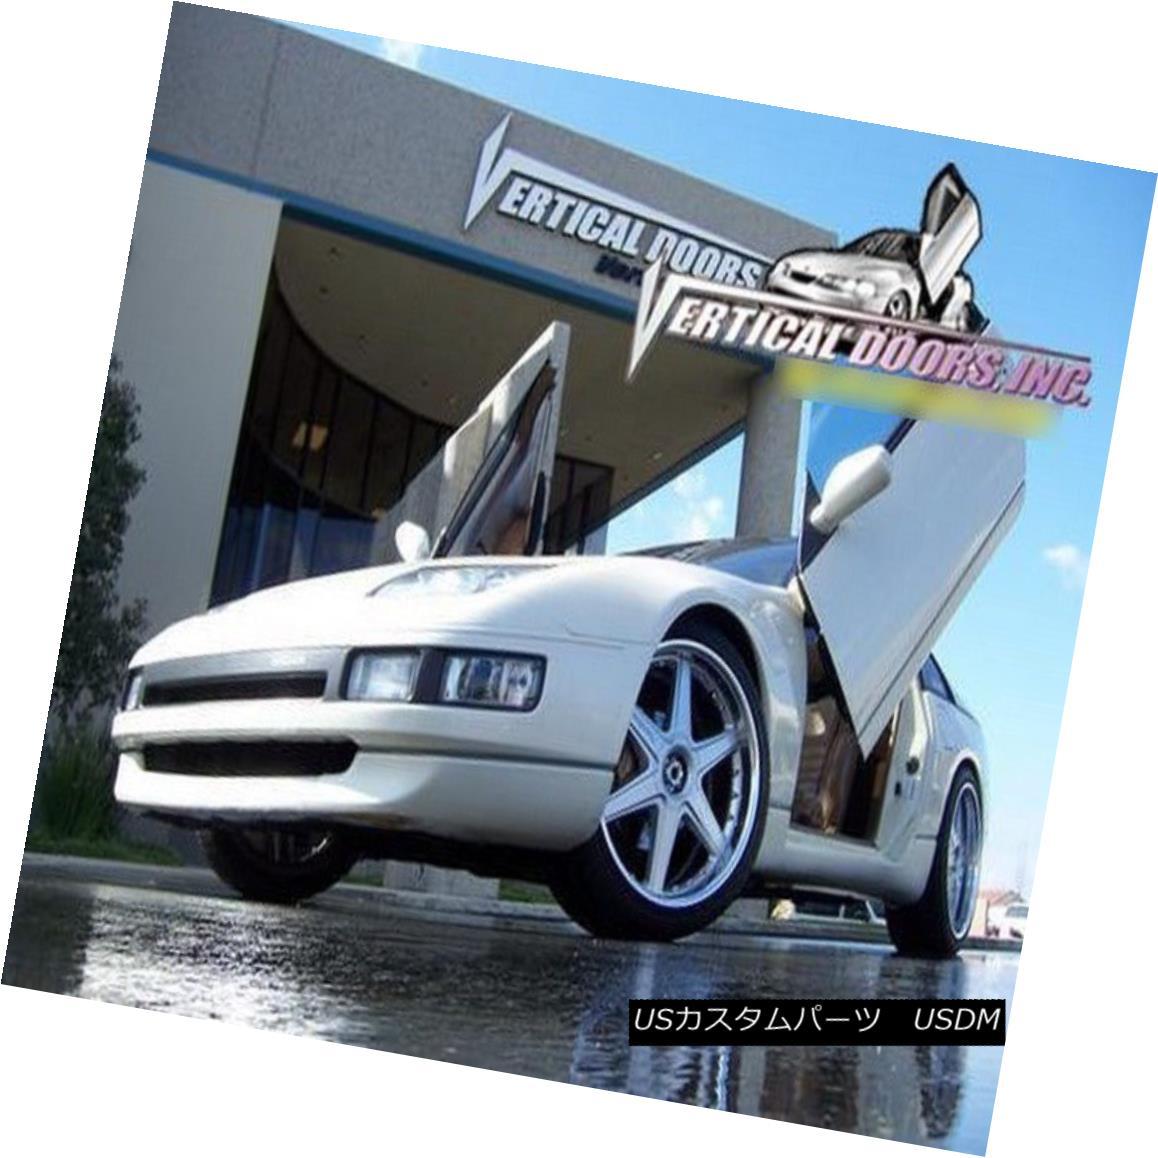 ガルウィングキット Vertical Doors Inc. Bolt-On Lambo Kit for Nissan 300Zx 90-99 Vertical Doors Inc.ボルトオンランボルギーニキット300Zx 90-99